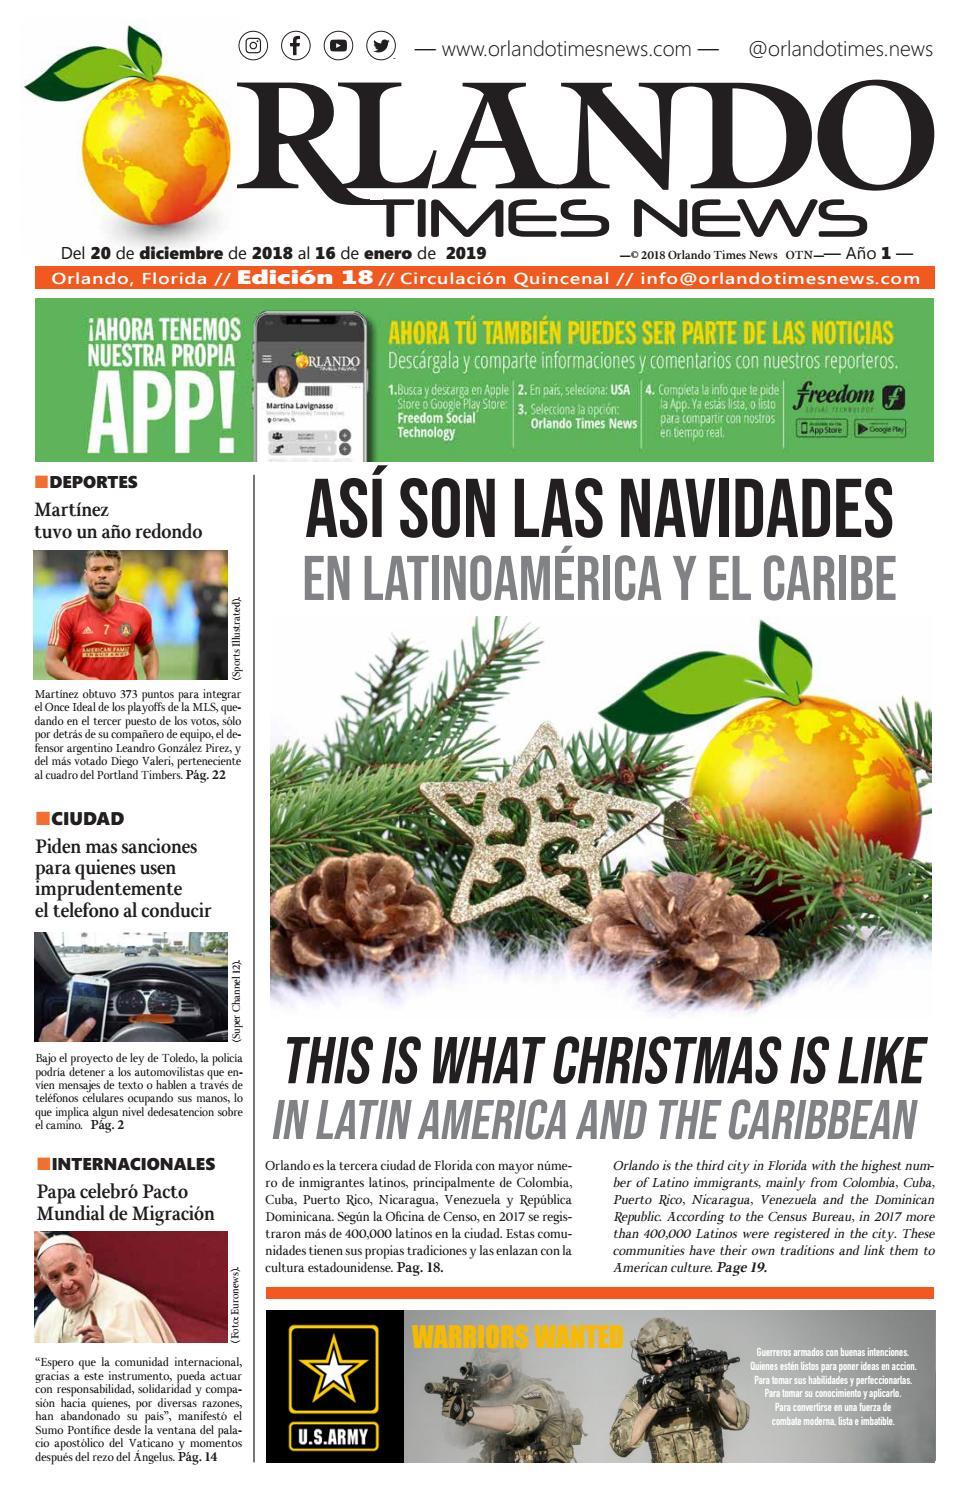 2f2977ab0fa0 Edición 18 Orlando Times News by orlandotimesnews - issuu